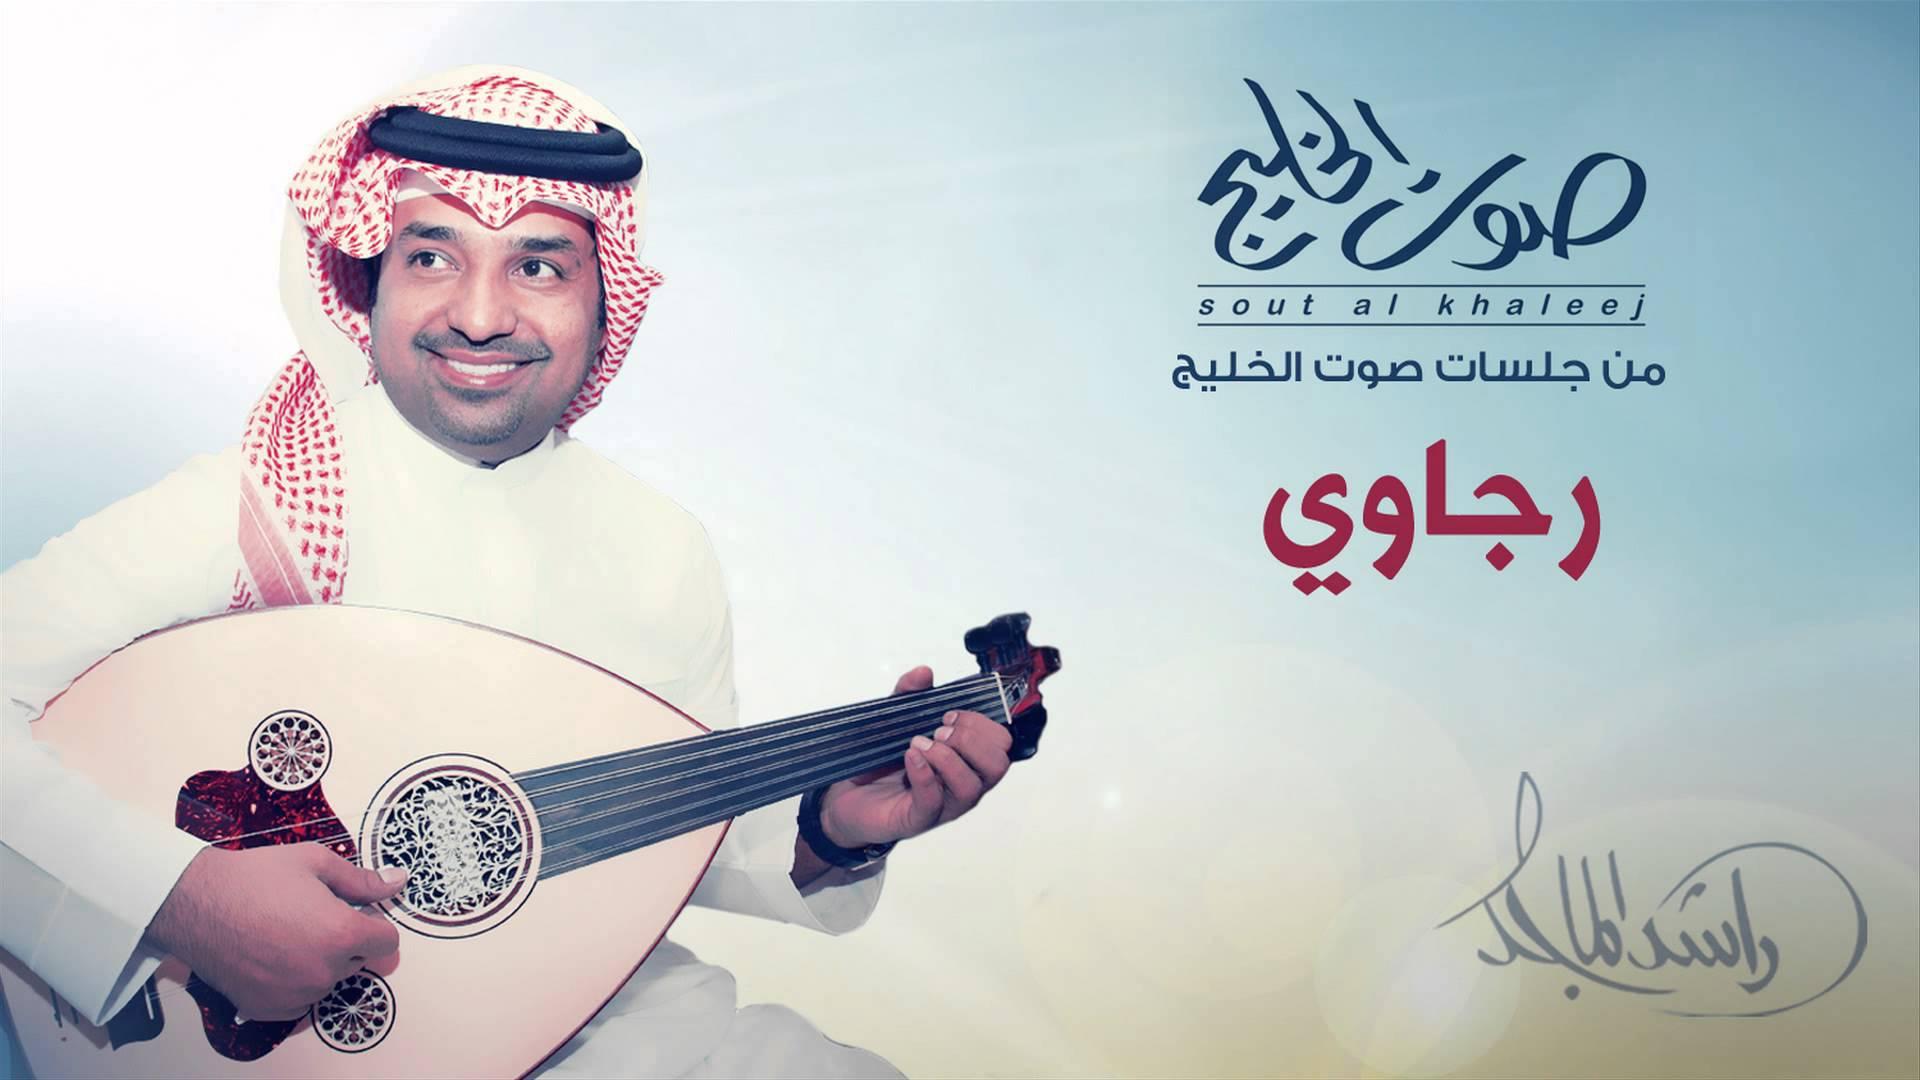 يوتيوب تحميل اغنية رجاوي راشد الماجد 2015 Mp3